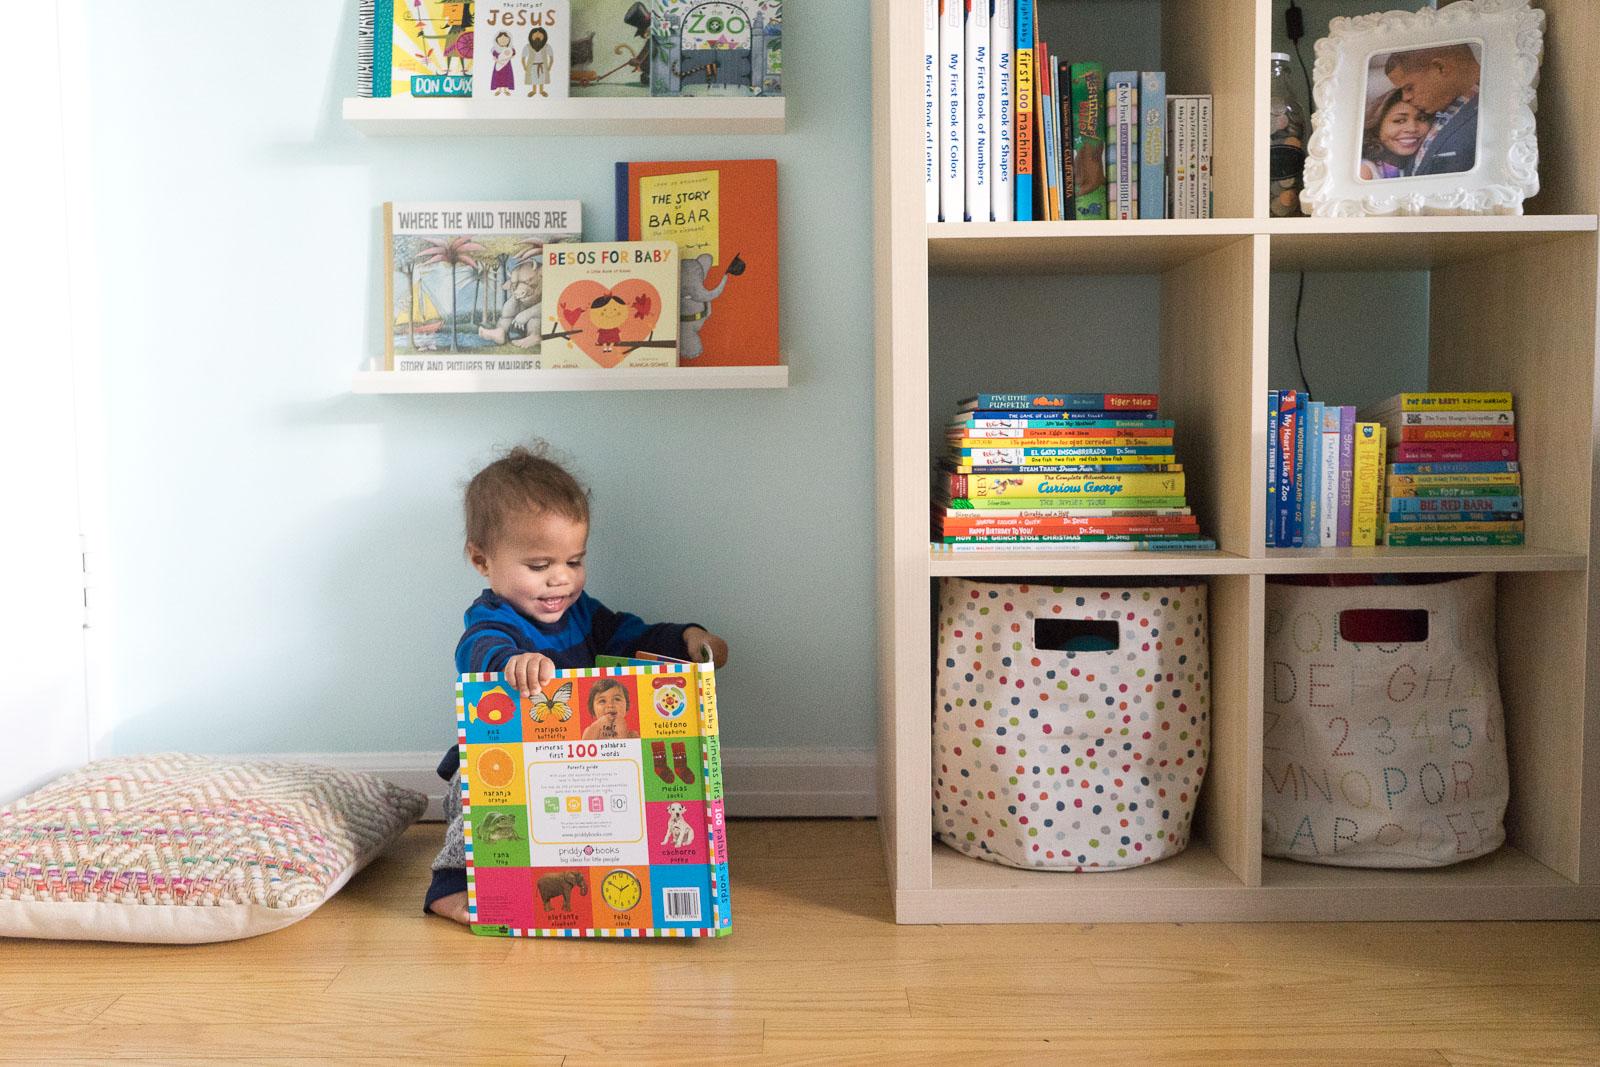 nursery-room_toddler-books_DIY_-book-display-31.jpg